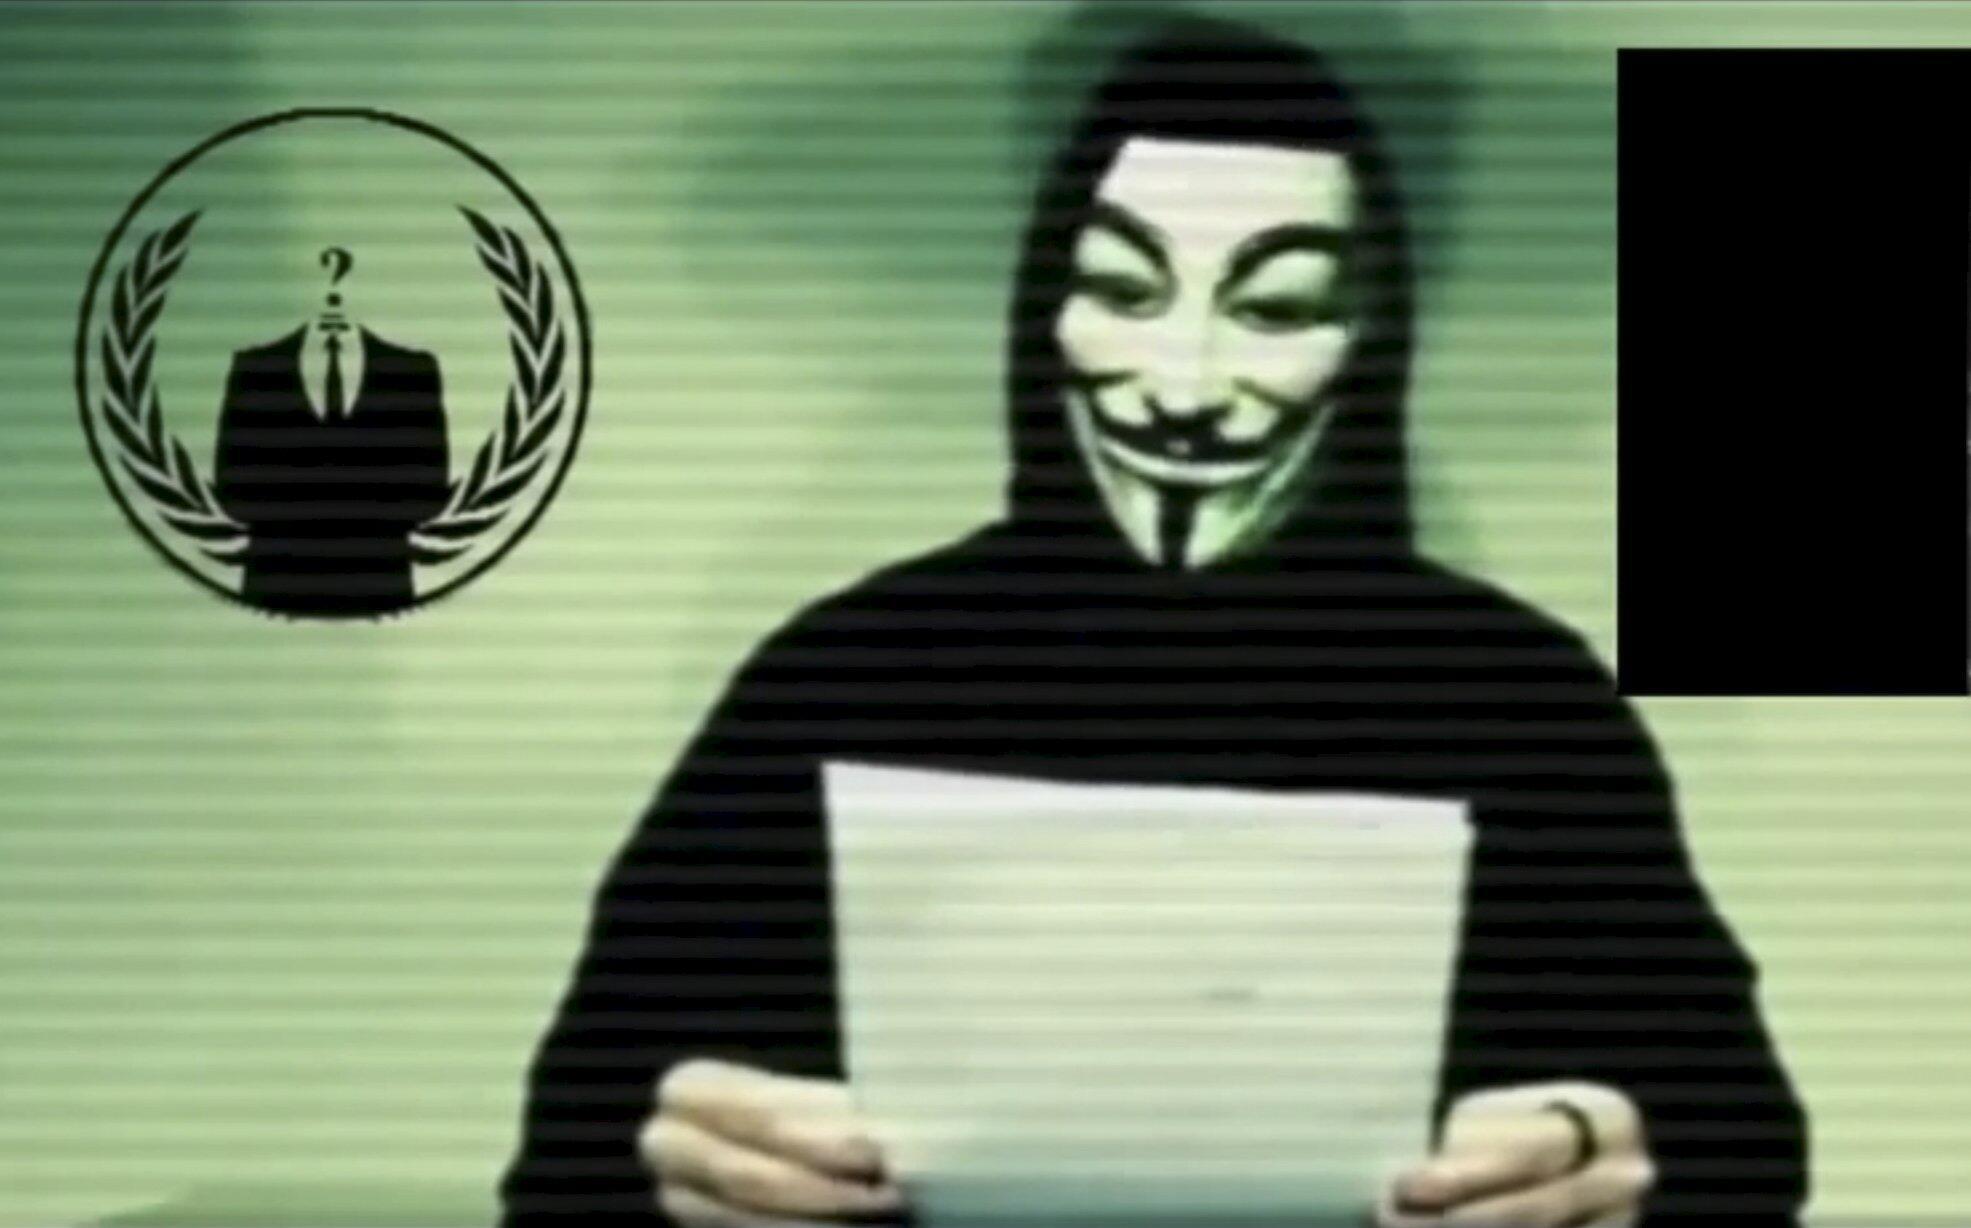 Anonymous prometeu acabar com toda a atividade do grupo Estado Islâmico na internet.